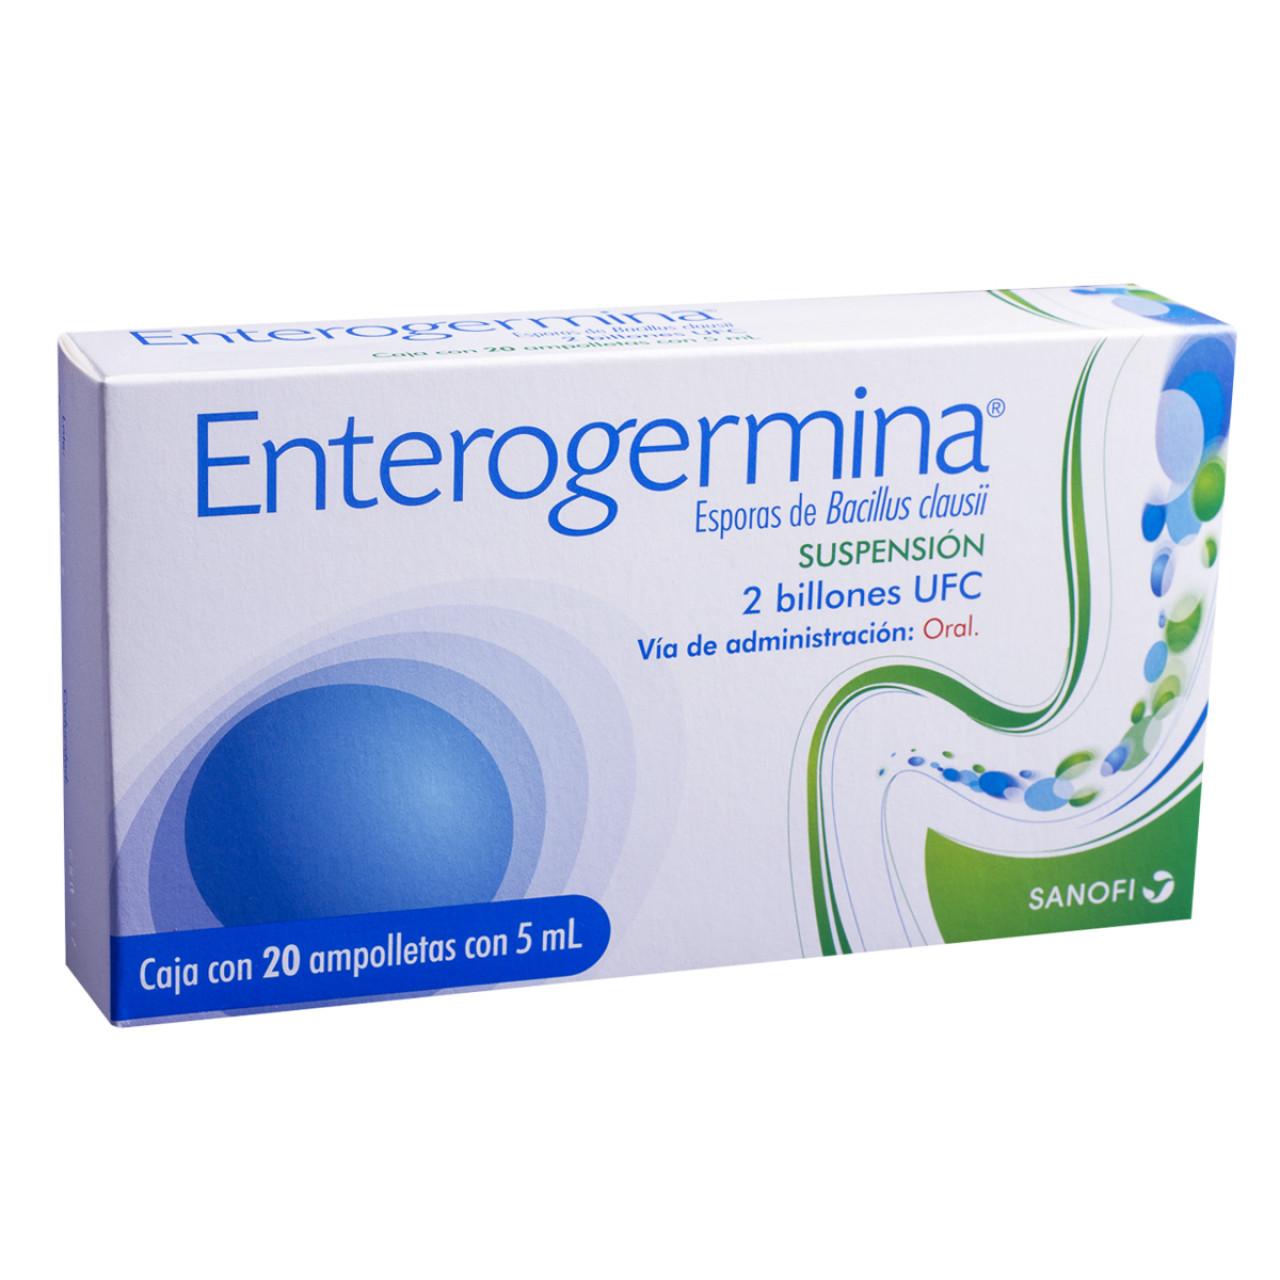 Enterogermina Para Qué Sirve Dosis Fórmula Y Genérico